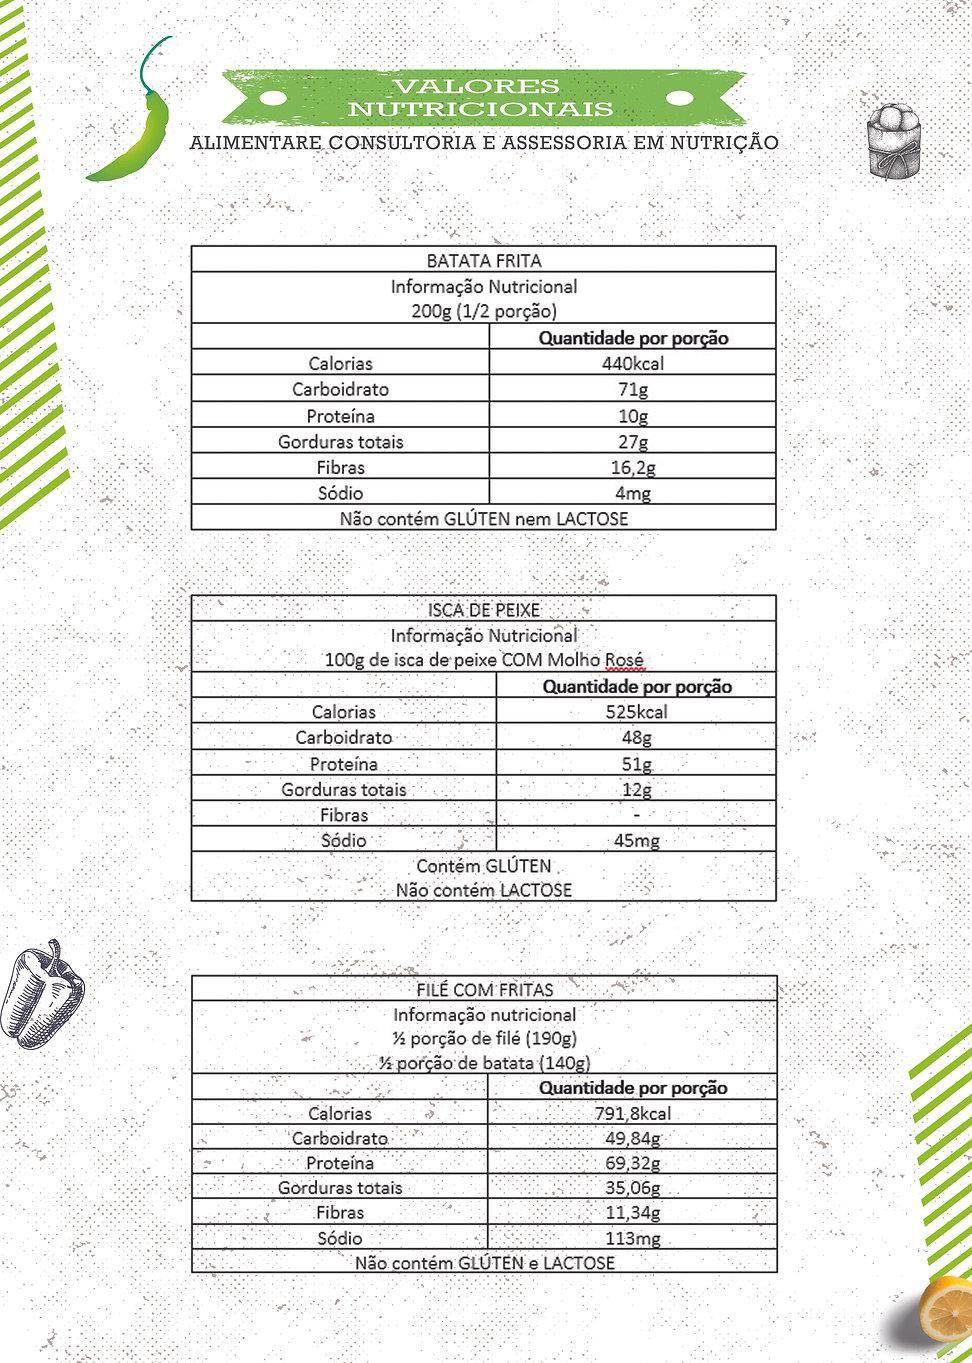 VALORES NUTRICIONAIS PAG 4.jpg